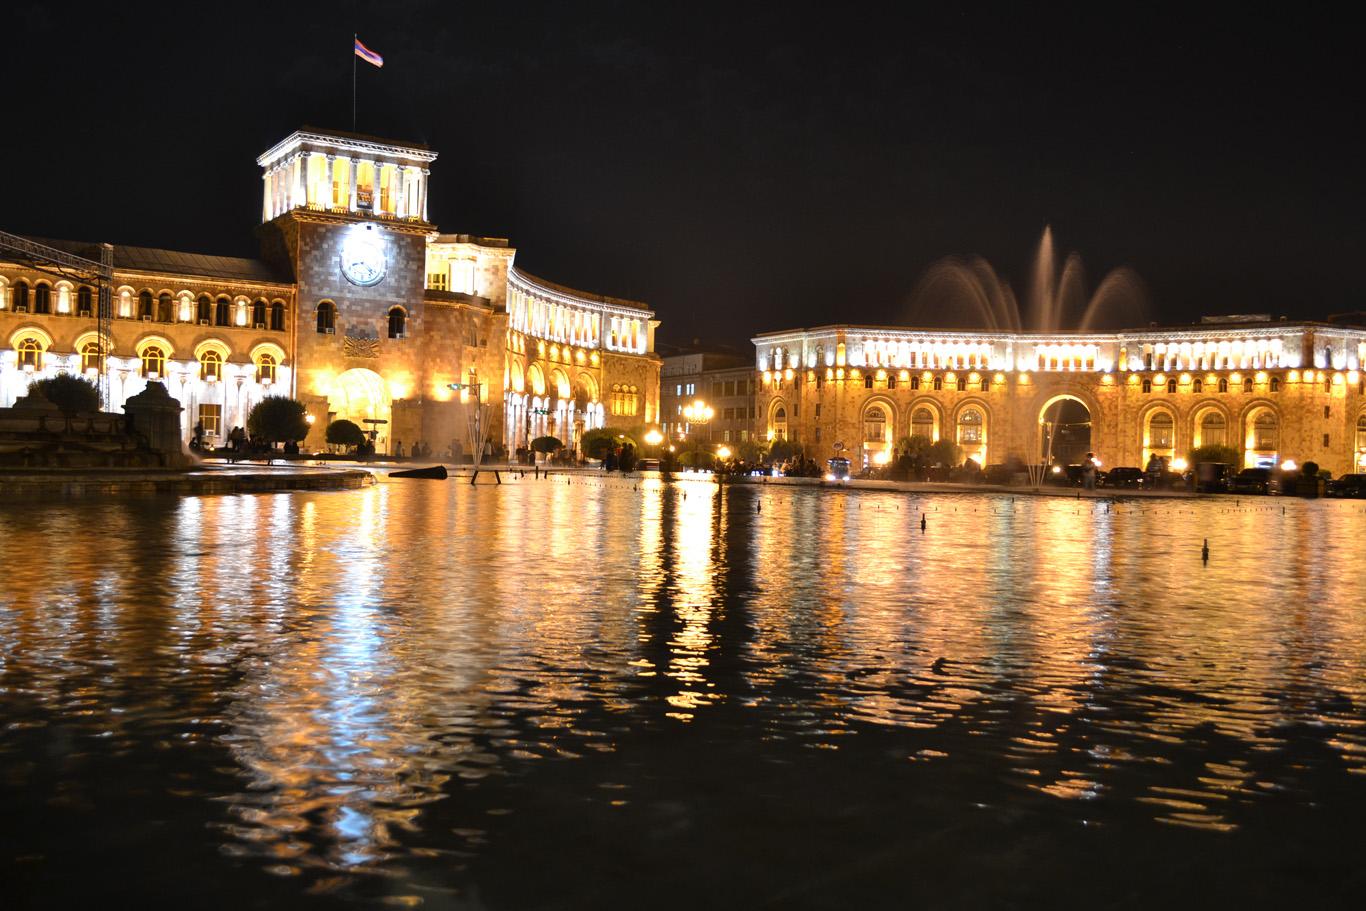 Republic Square at night